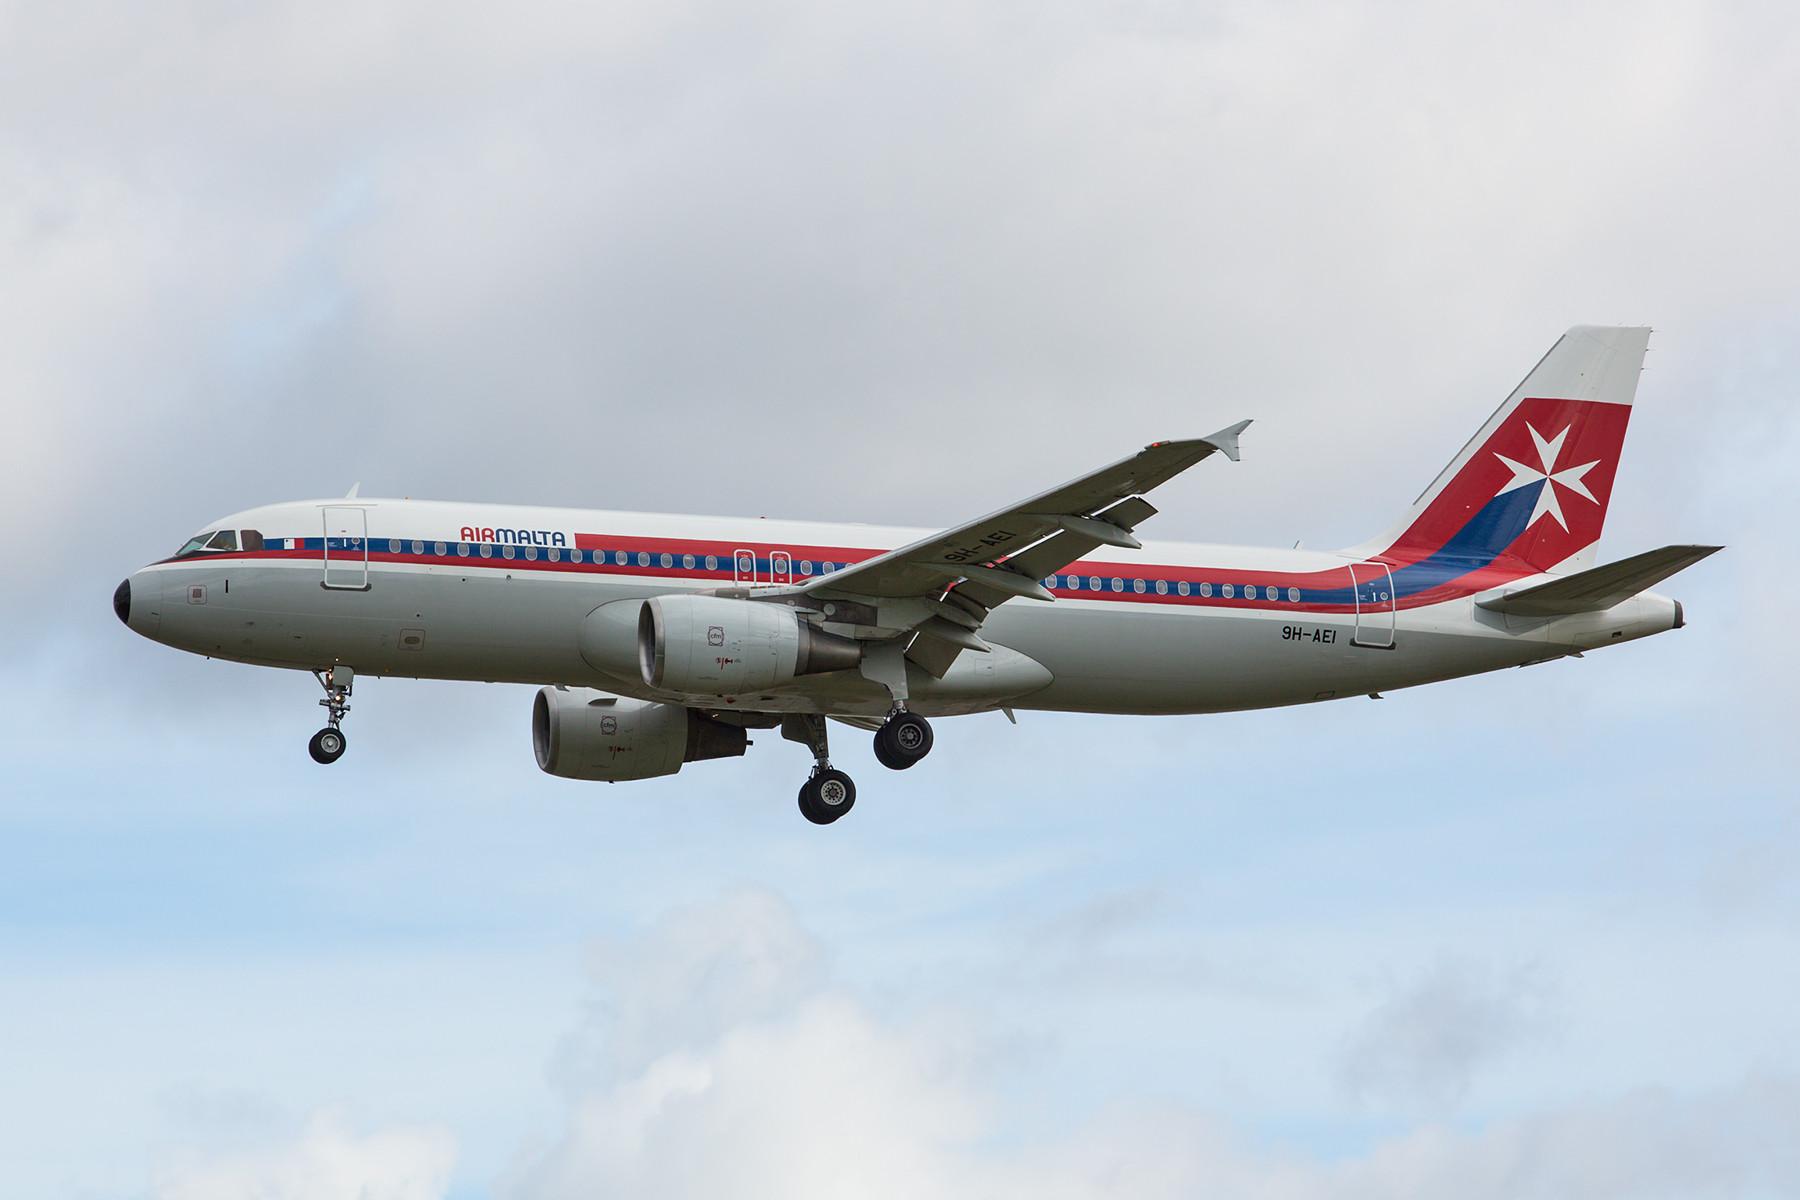 Retrolackierung der Air Malta, das traditionell starke Verbindungen nach England hat.